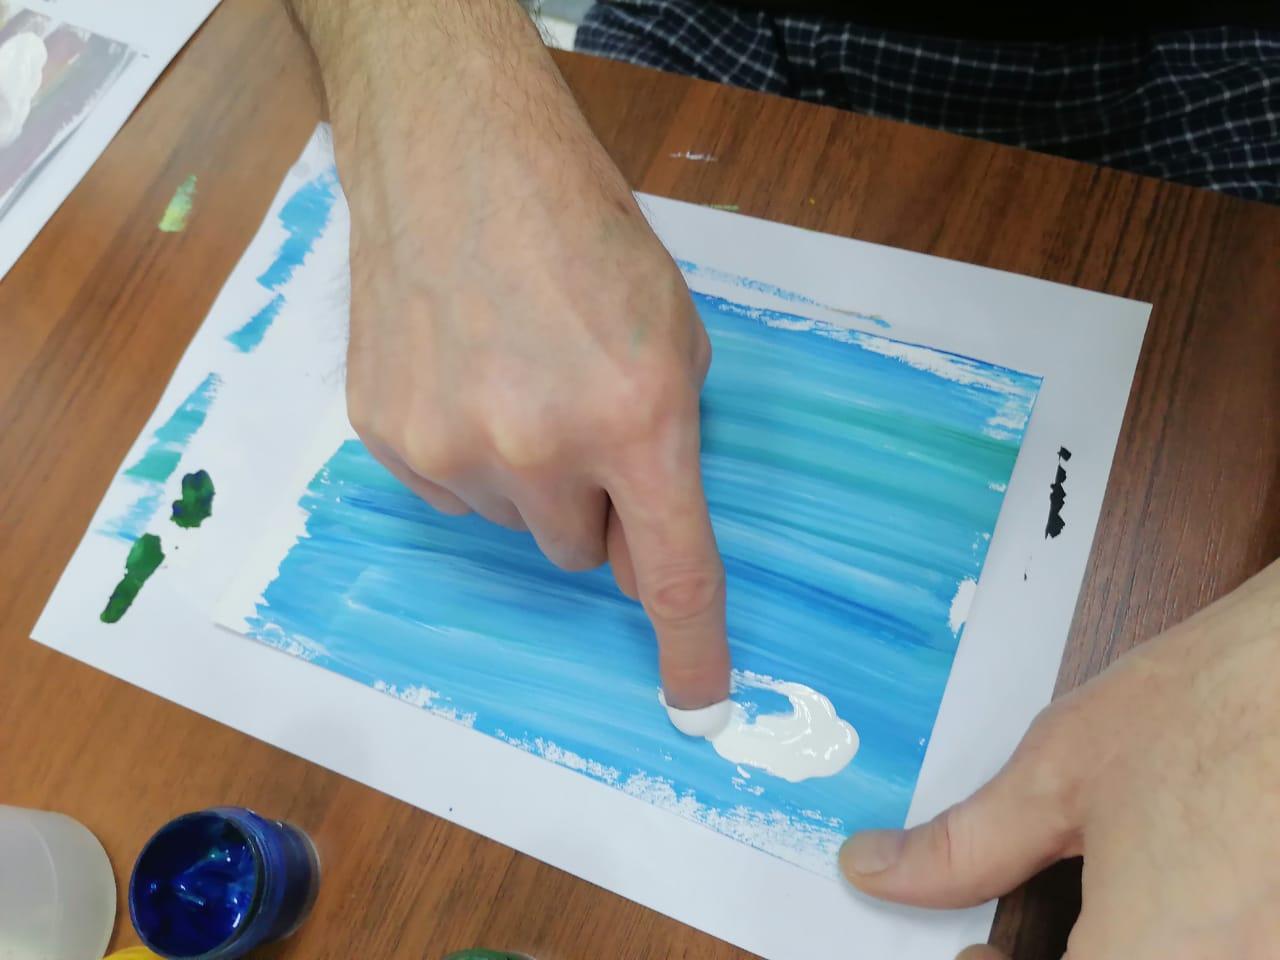 Палец указывает на рисунок, выполненный акварелью